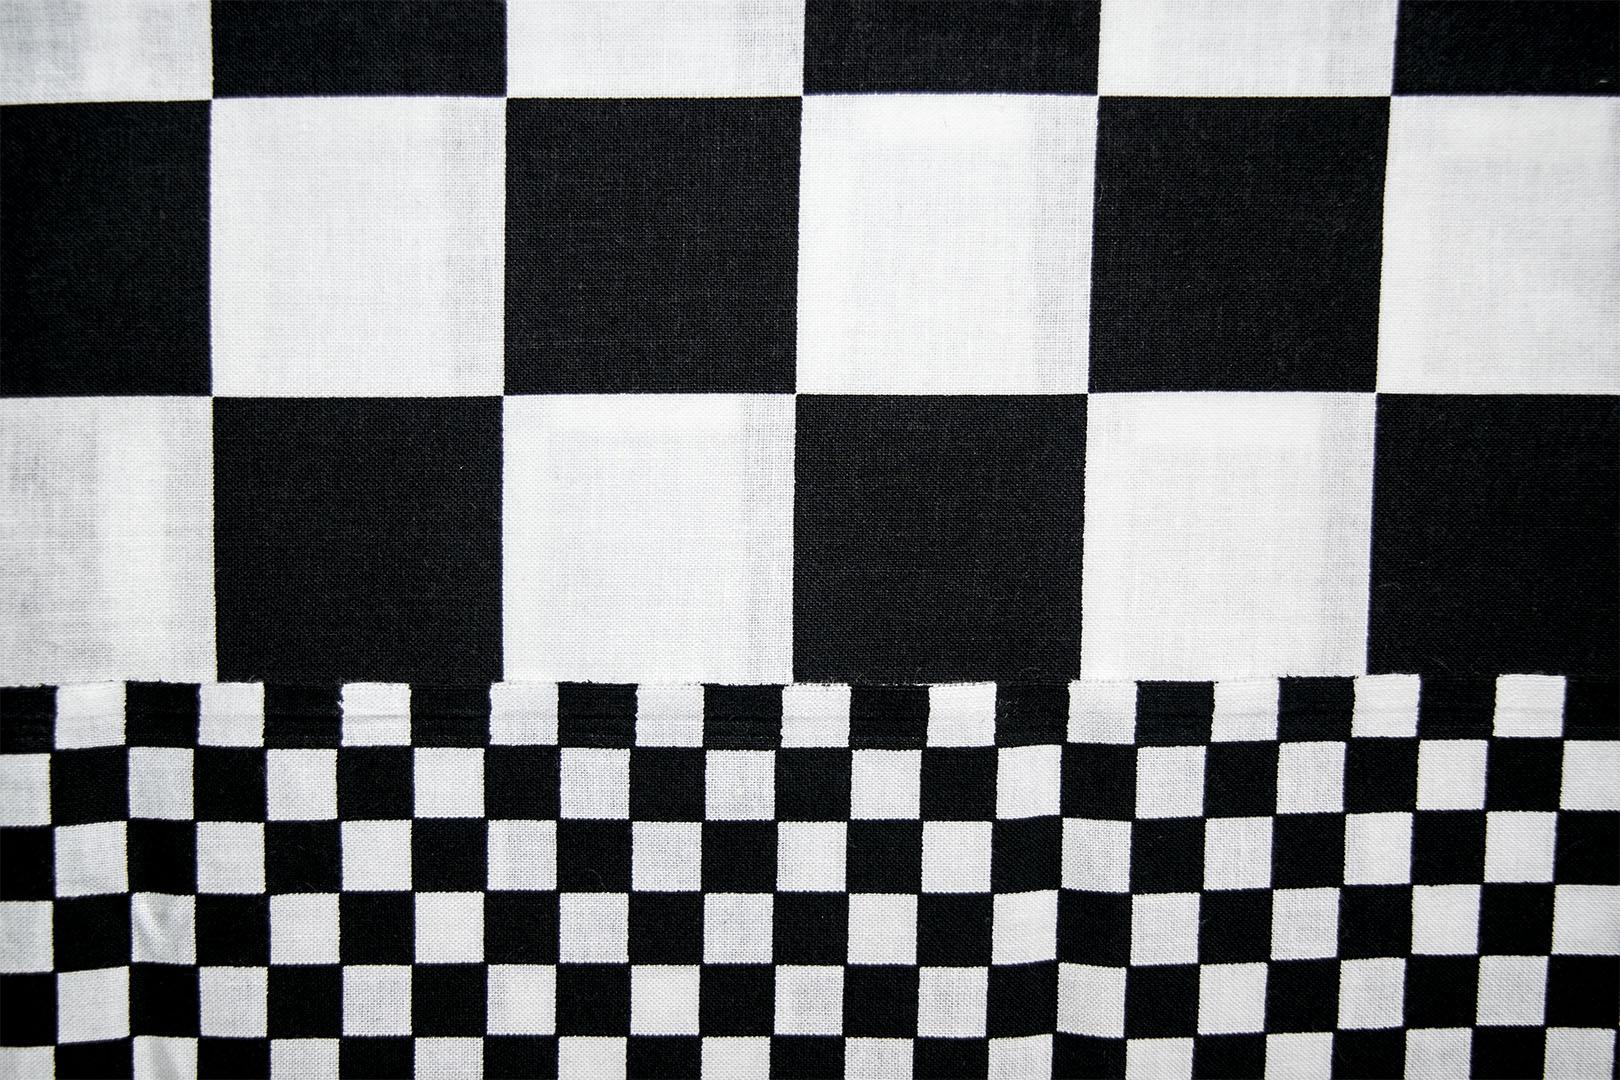 SPW #104: Racing Checks